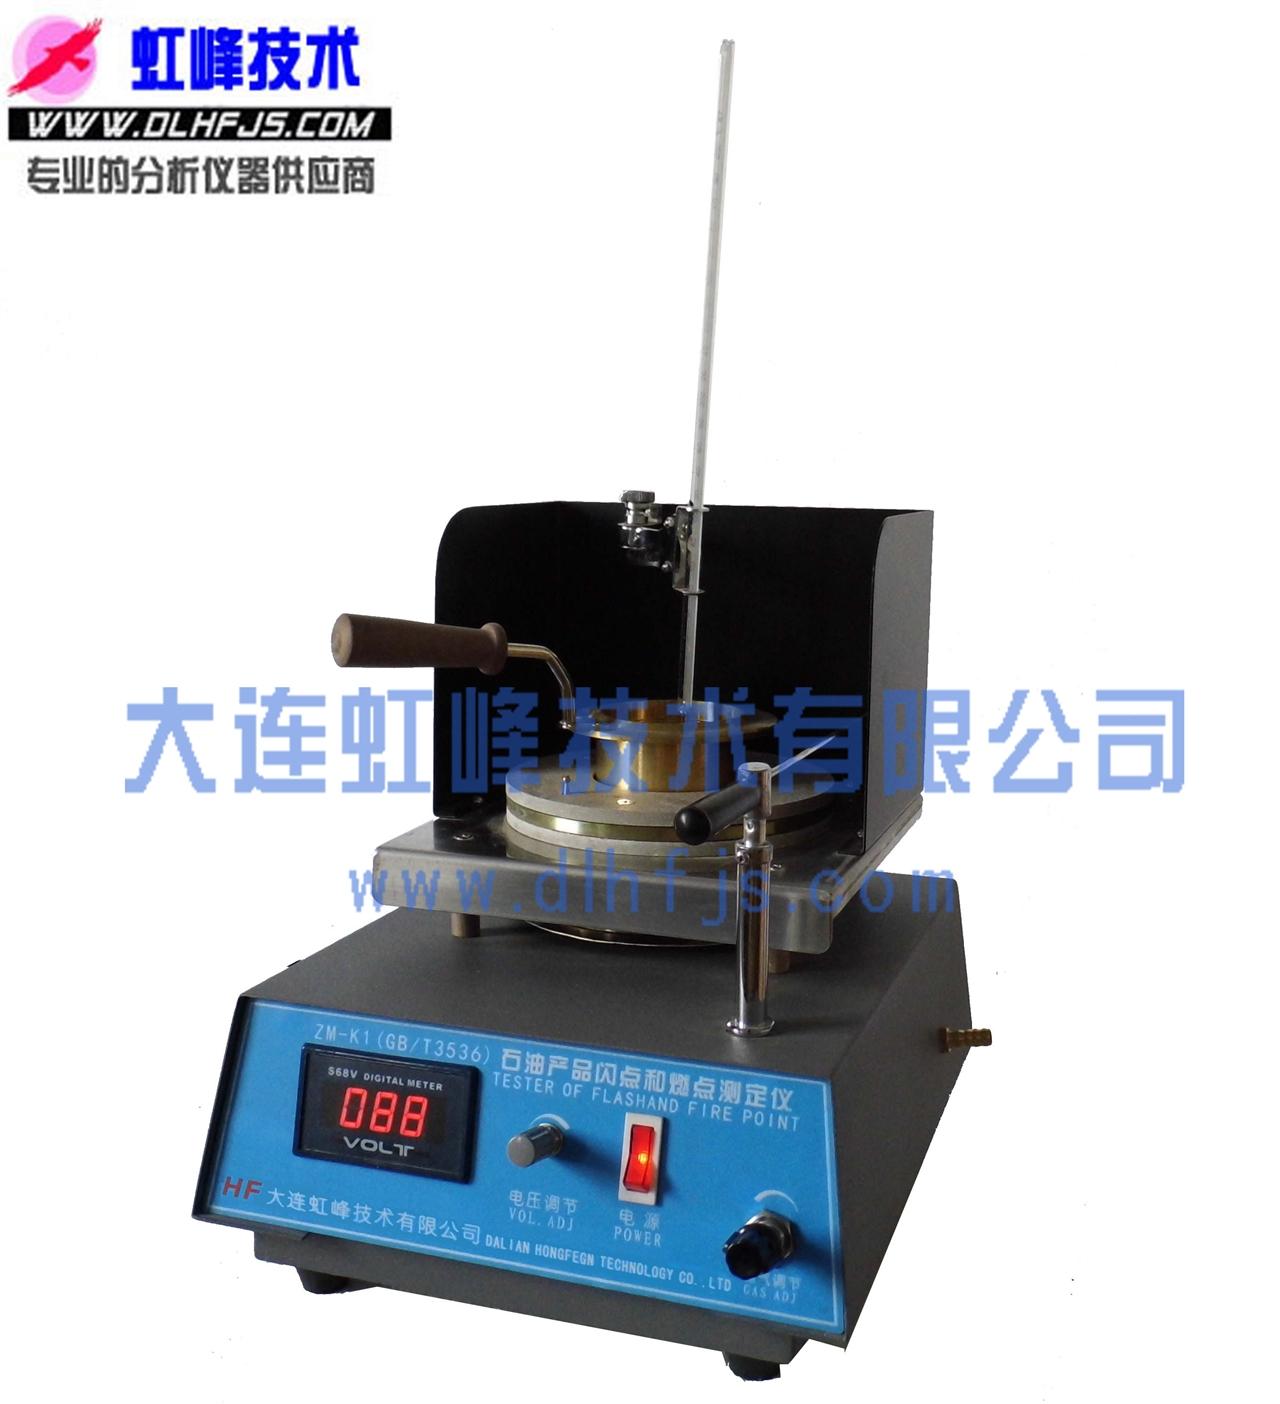 石油产品闪点和燃点测定仪(开口闪点)GB/T3536